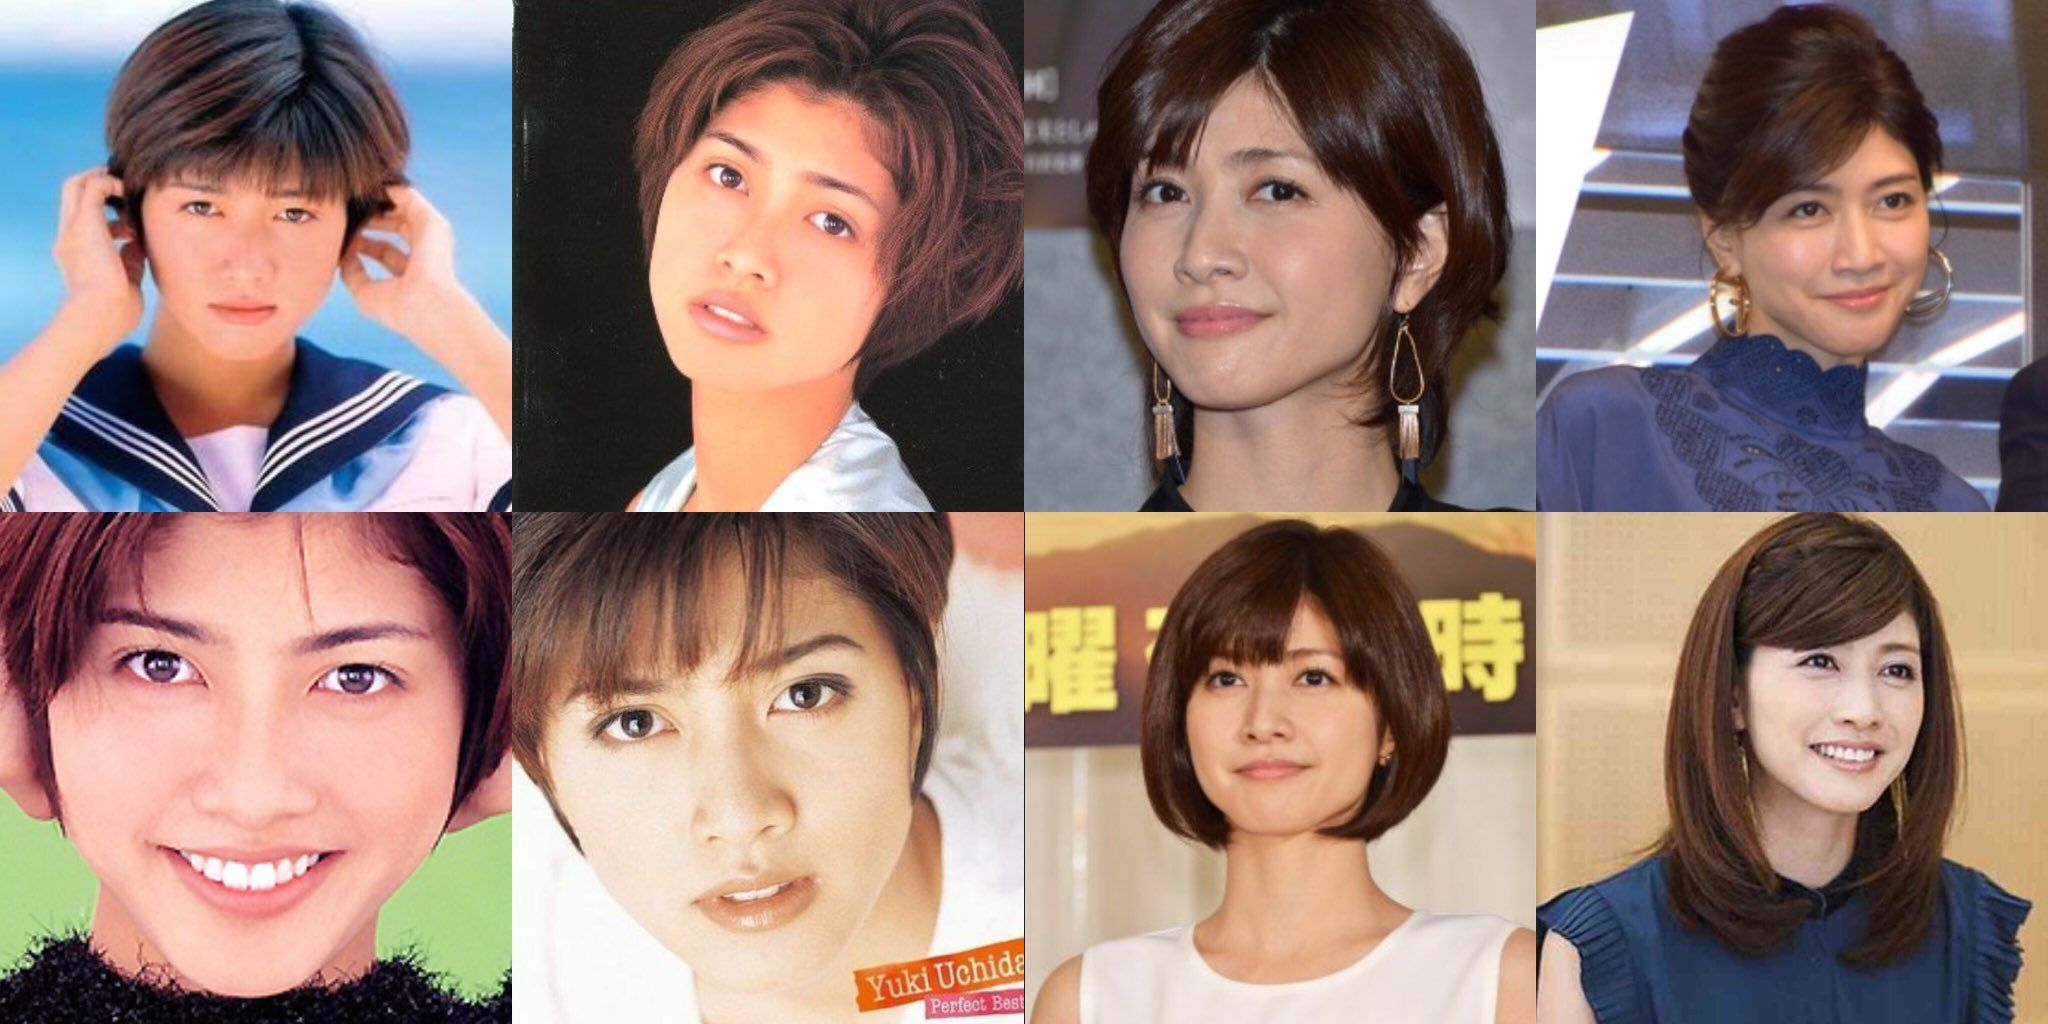 内田有紀が整形で顔変わったって本当?ラジオで整形告白はガセ!